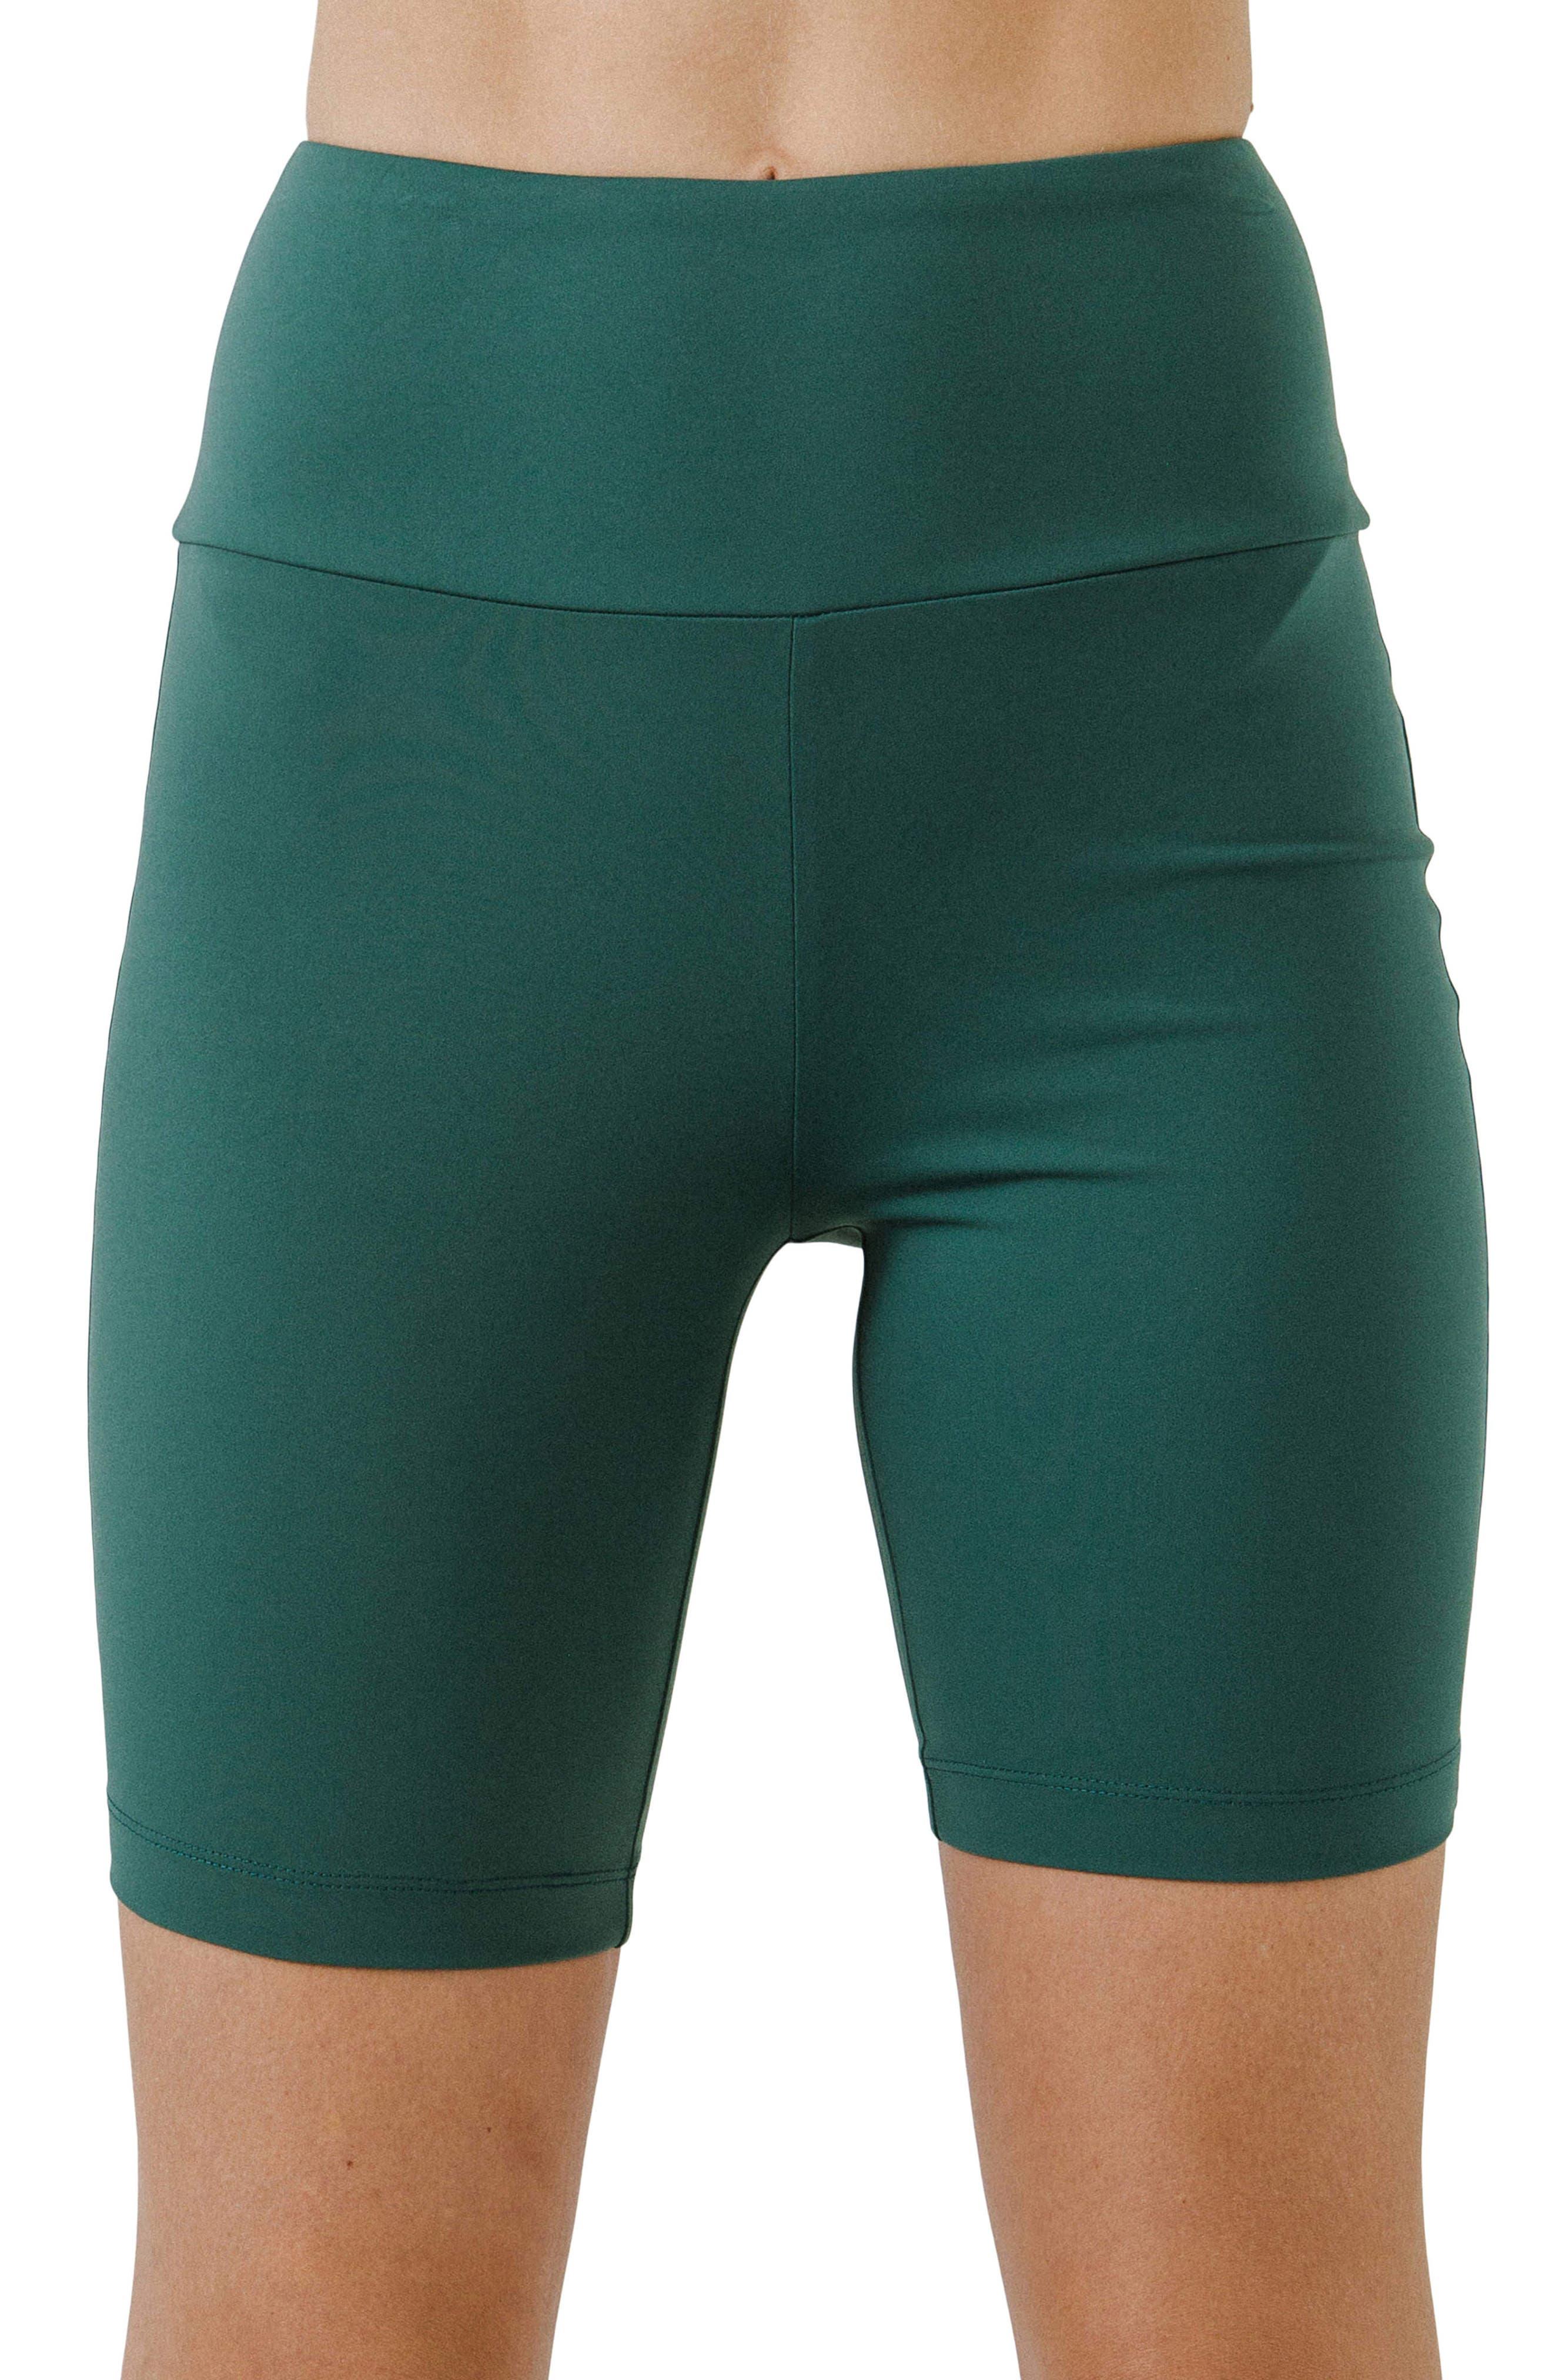 High Waiat Bike Shorts